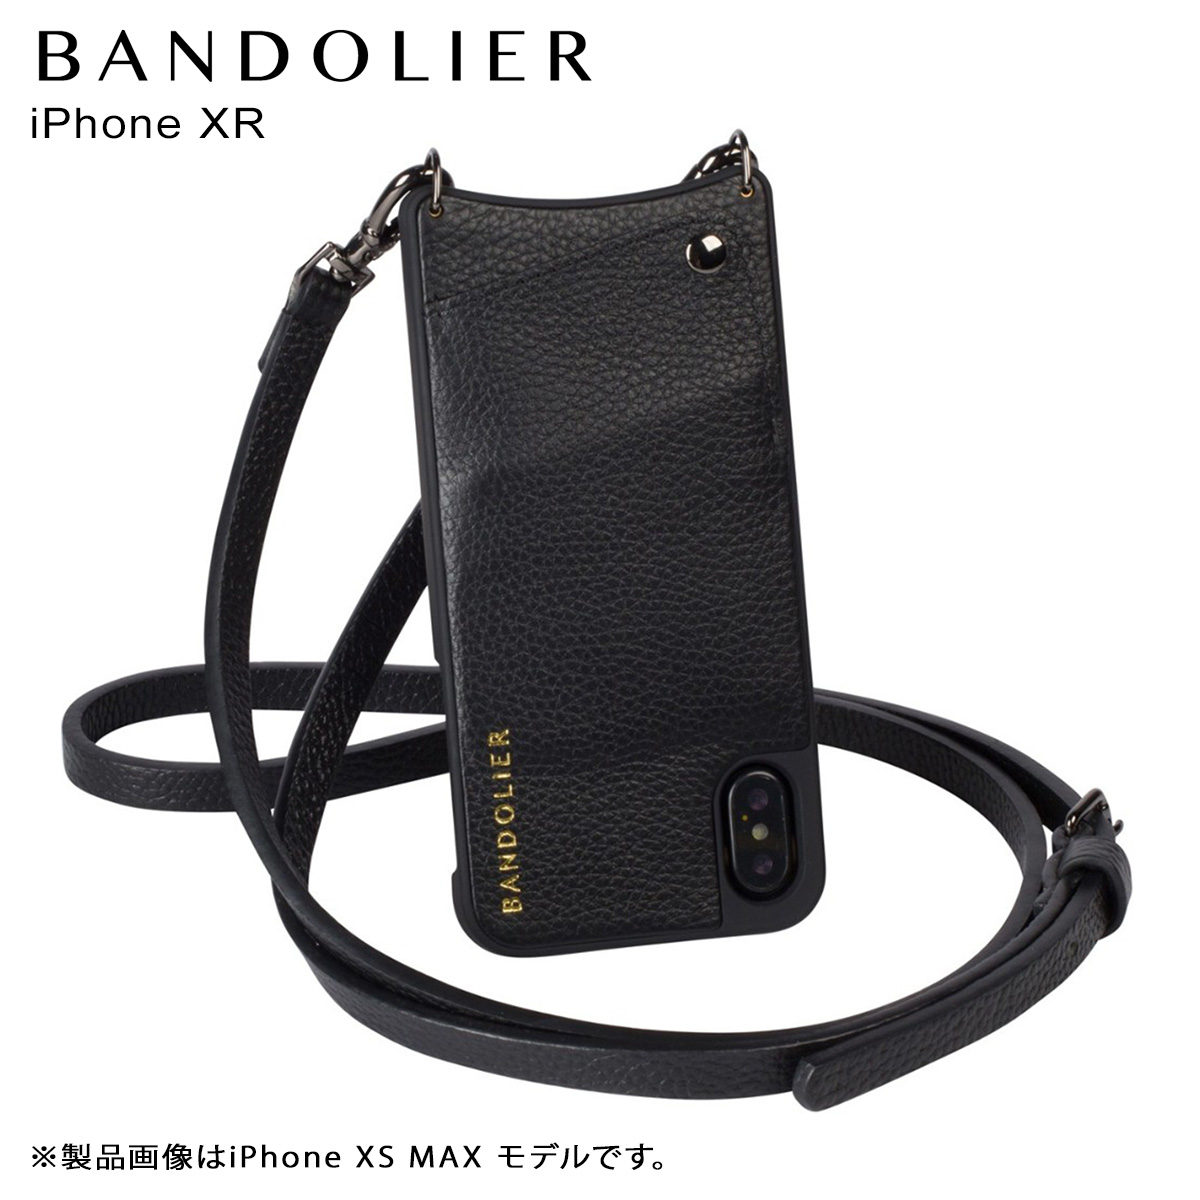 バンドリヤー BANDOLIER iPhone XR ケース ショルダー スマホ アイフォン レザー EMMA PEWTER メンズ レディース ブラック 黒 10EMM1001 [予約商品 4月下旬頃入荷予定 再入荷]